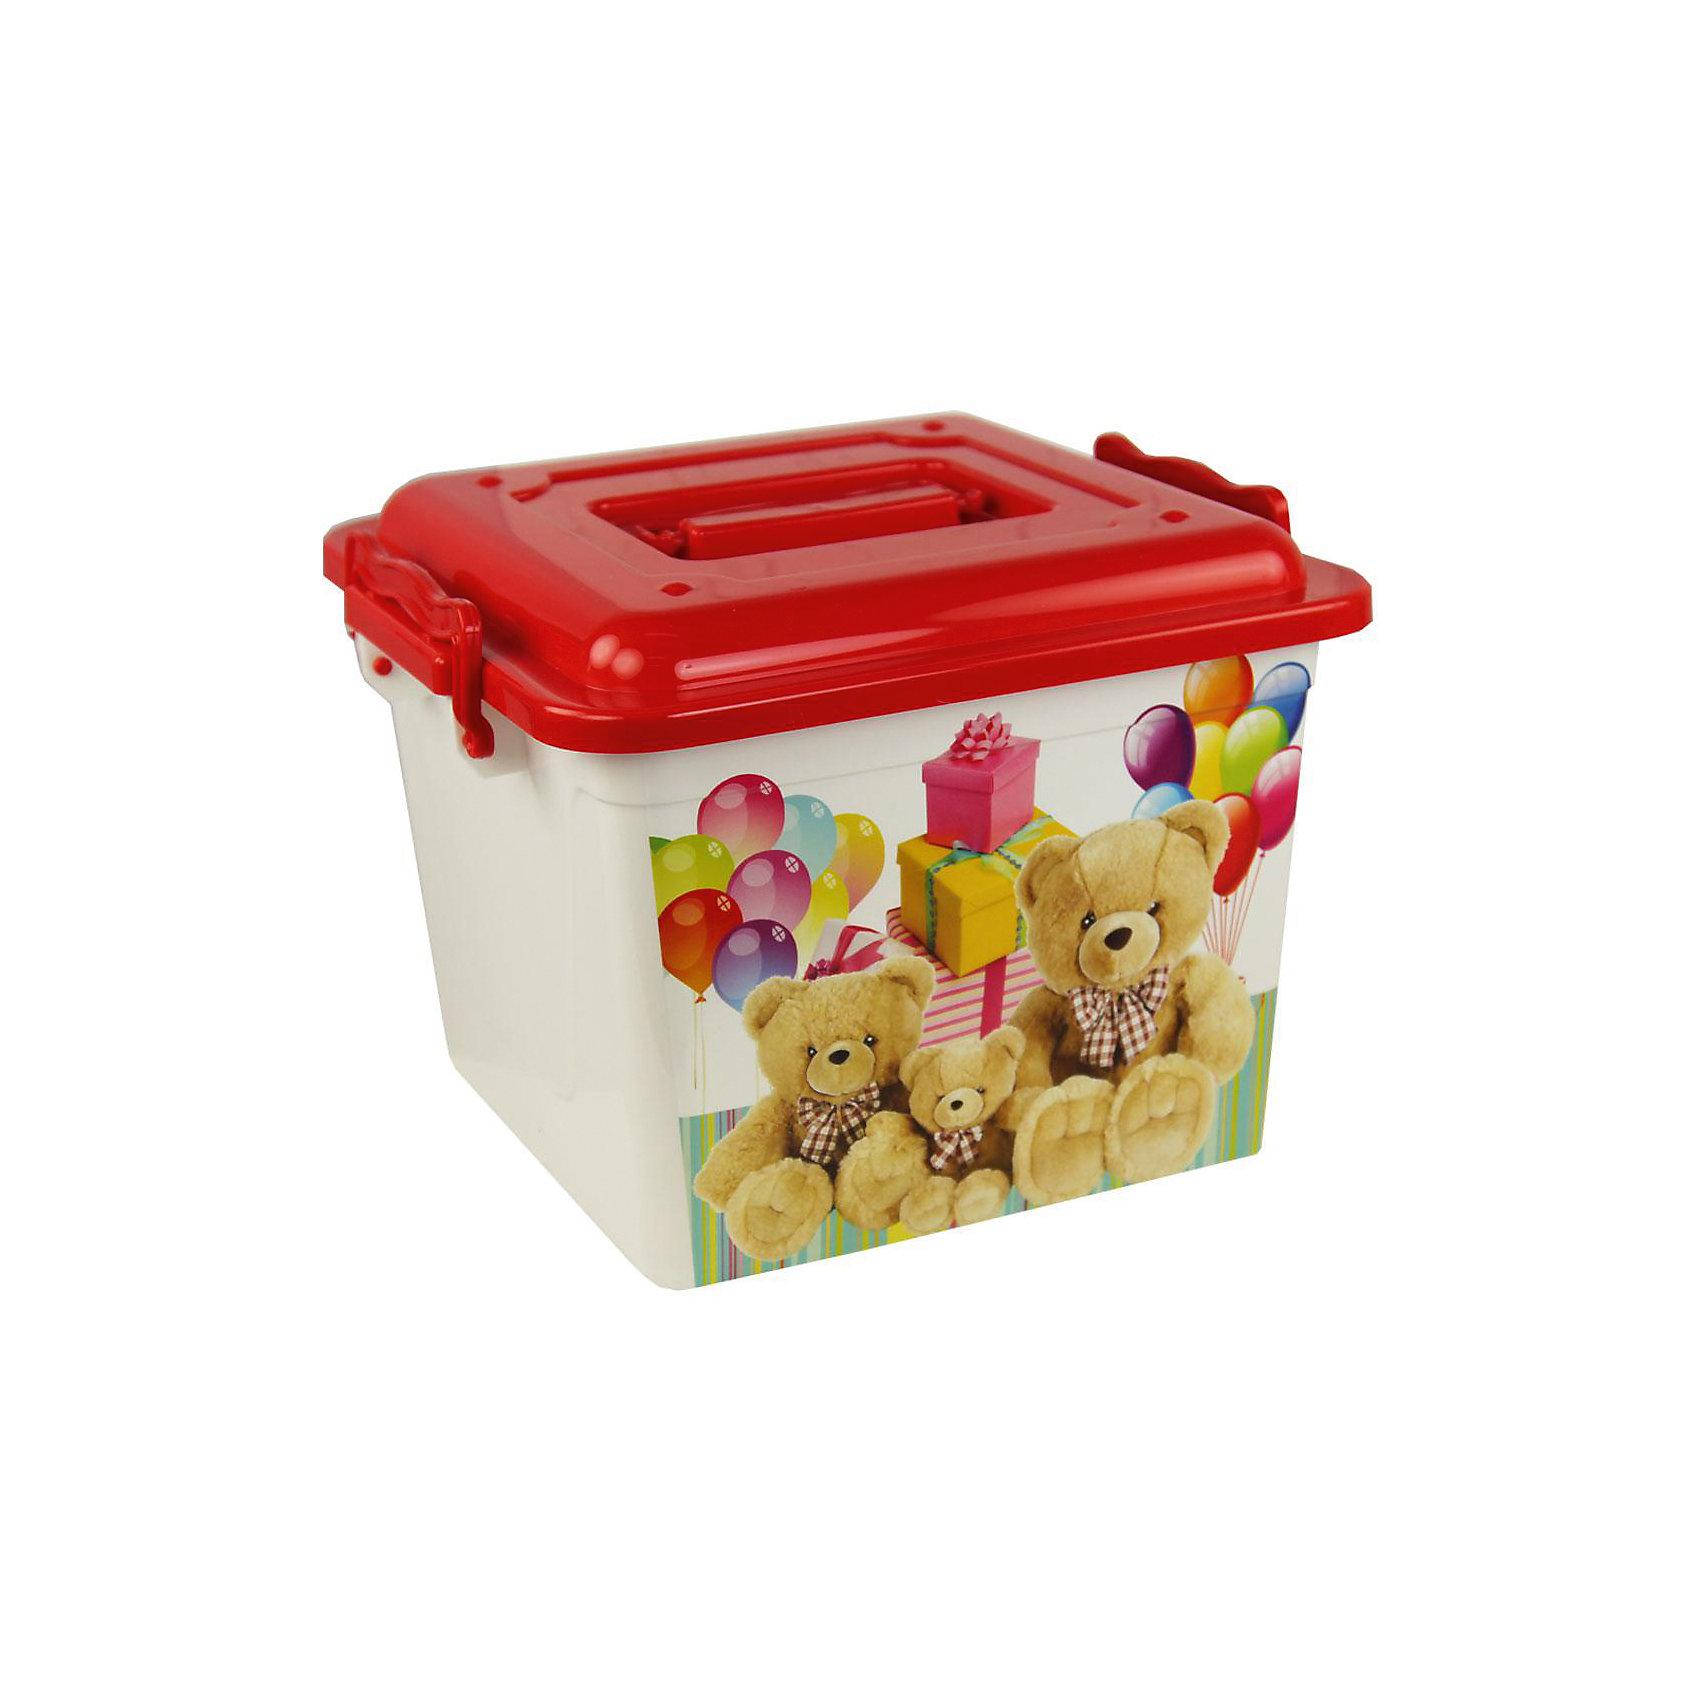 Контейнер Мишки универсальный 8,5л. ,  AlternativaПорядок в детской<br>Универсальный контейнер Мишки очень вместительный и удобный в использовании. В нем можно хранить детские игрушки или приятные мелочи. Контейнер закрывается крышкой и закрепляется боковыми ручками. Верхнюю ручку можно использовать для переноски. Спереди контейнер украшен очаровательными медвежатами.<br><br>Дополнительная информация:<br>Материал: пластик<br>Объем: 8,5 л<br>Размер: 26х26х20 см<br><br>Контейнер Мишки можно купить в нашем интернет-магазине.<br><br>Ширина мм: 260<br>Глубина мм: 260<br>Высота мм: 200<br>Вес г: 415<br>Возраст от месяцев: 36<br>Возраст до месяцев: 144<br>Пол: Унисекс<br>Возраст: Детский<br>SKU: 4979717